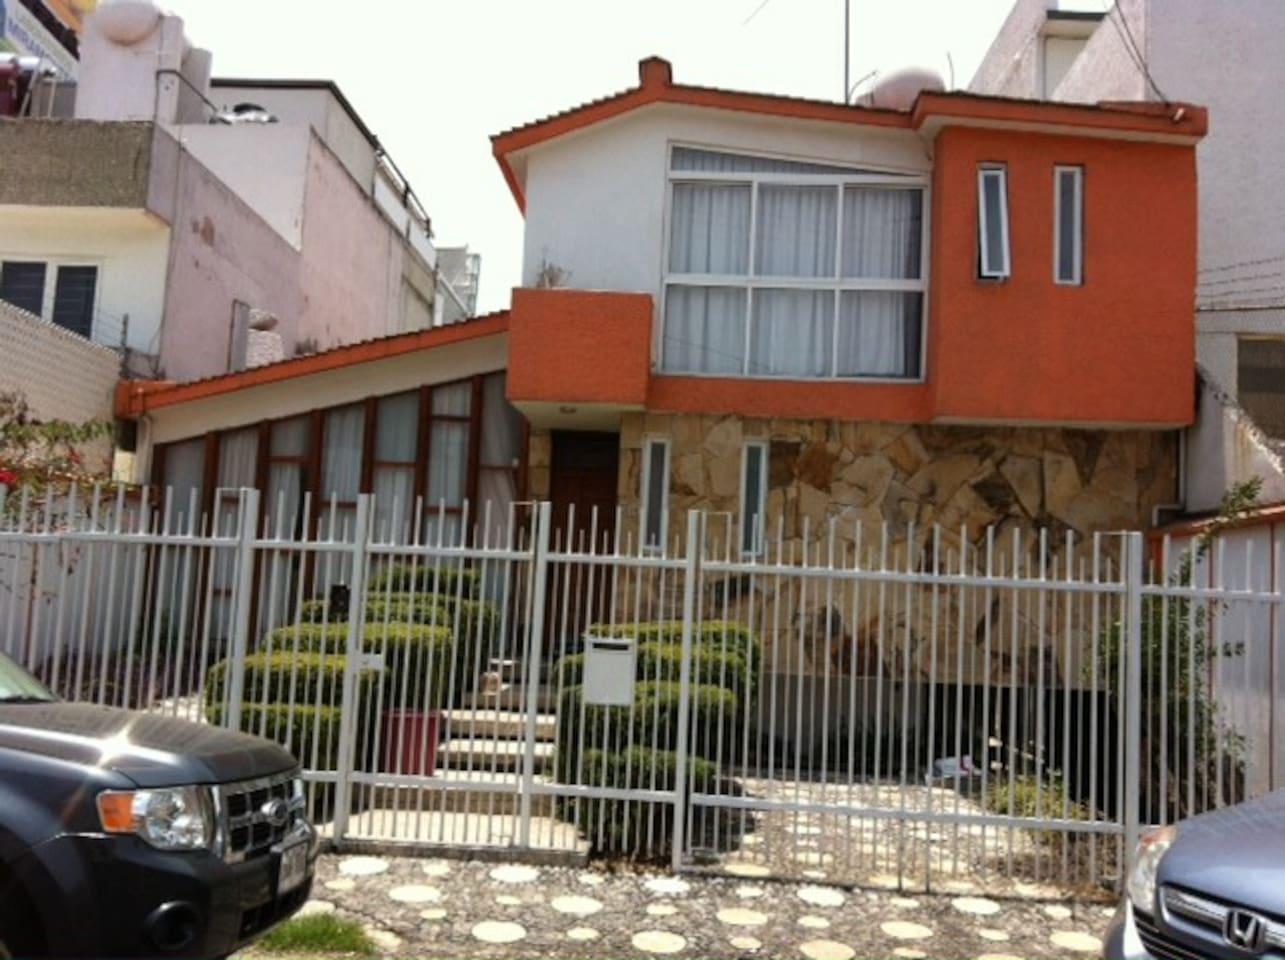 Casa y entrada